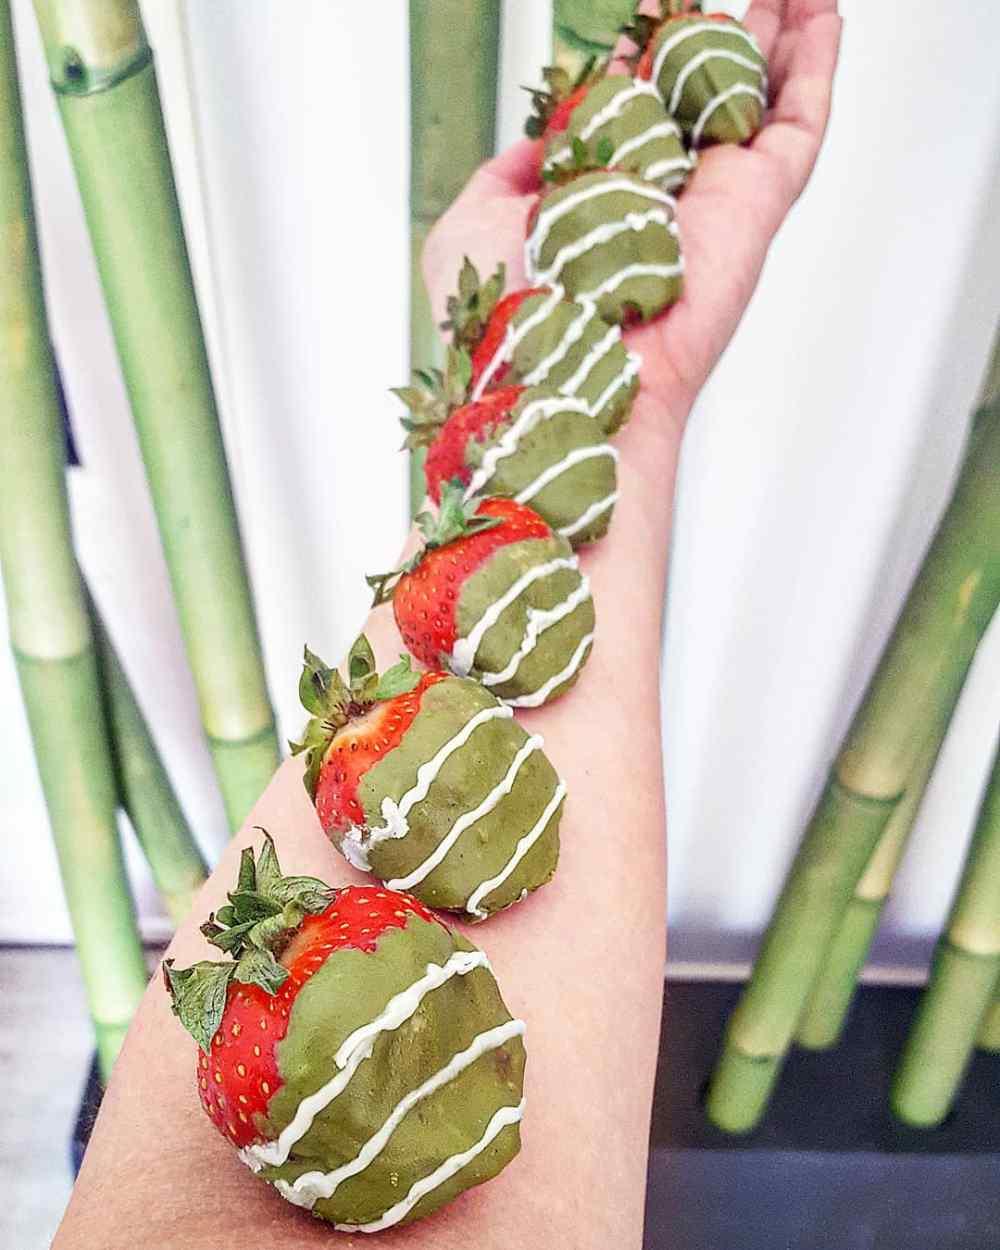 matcha aardbeien